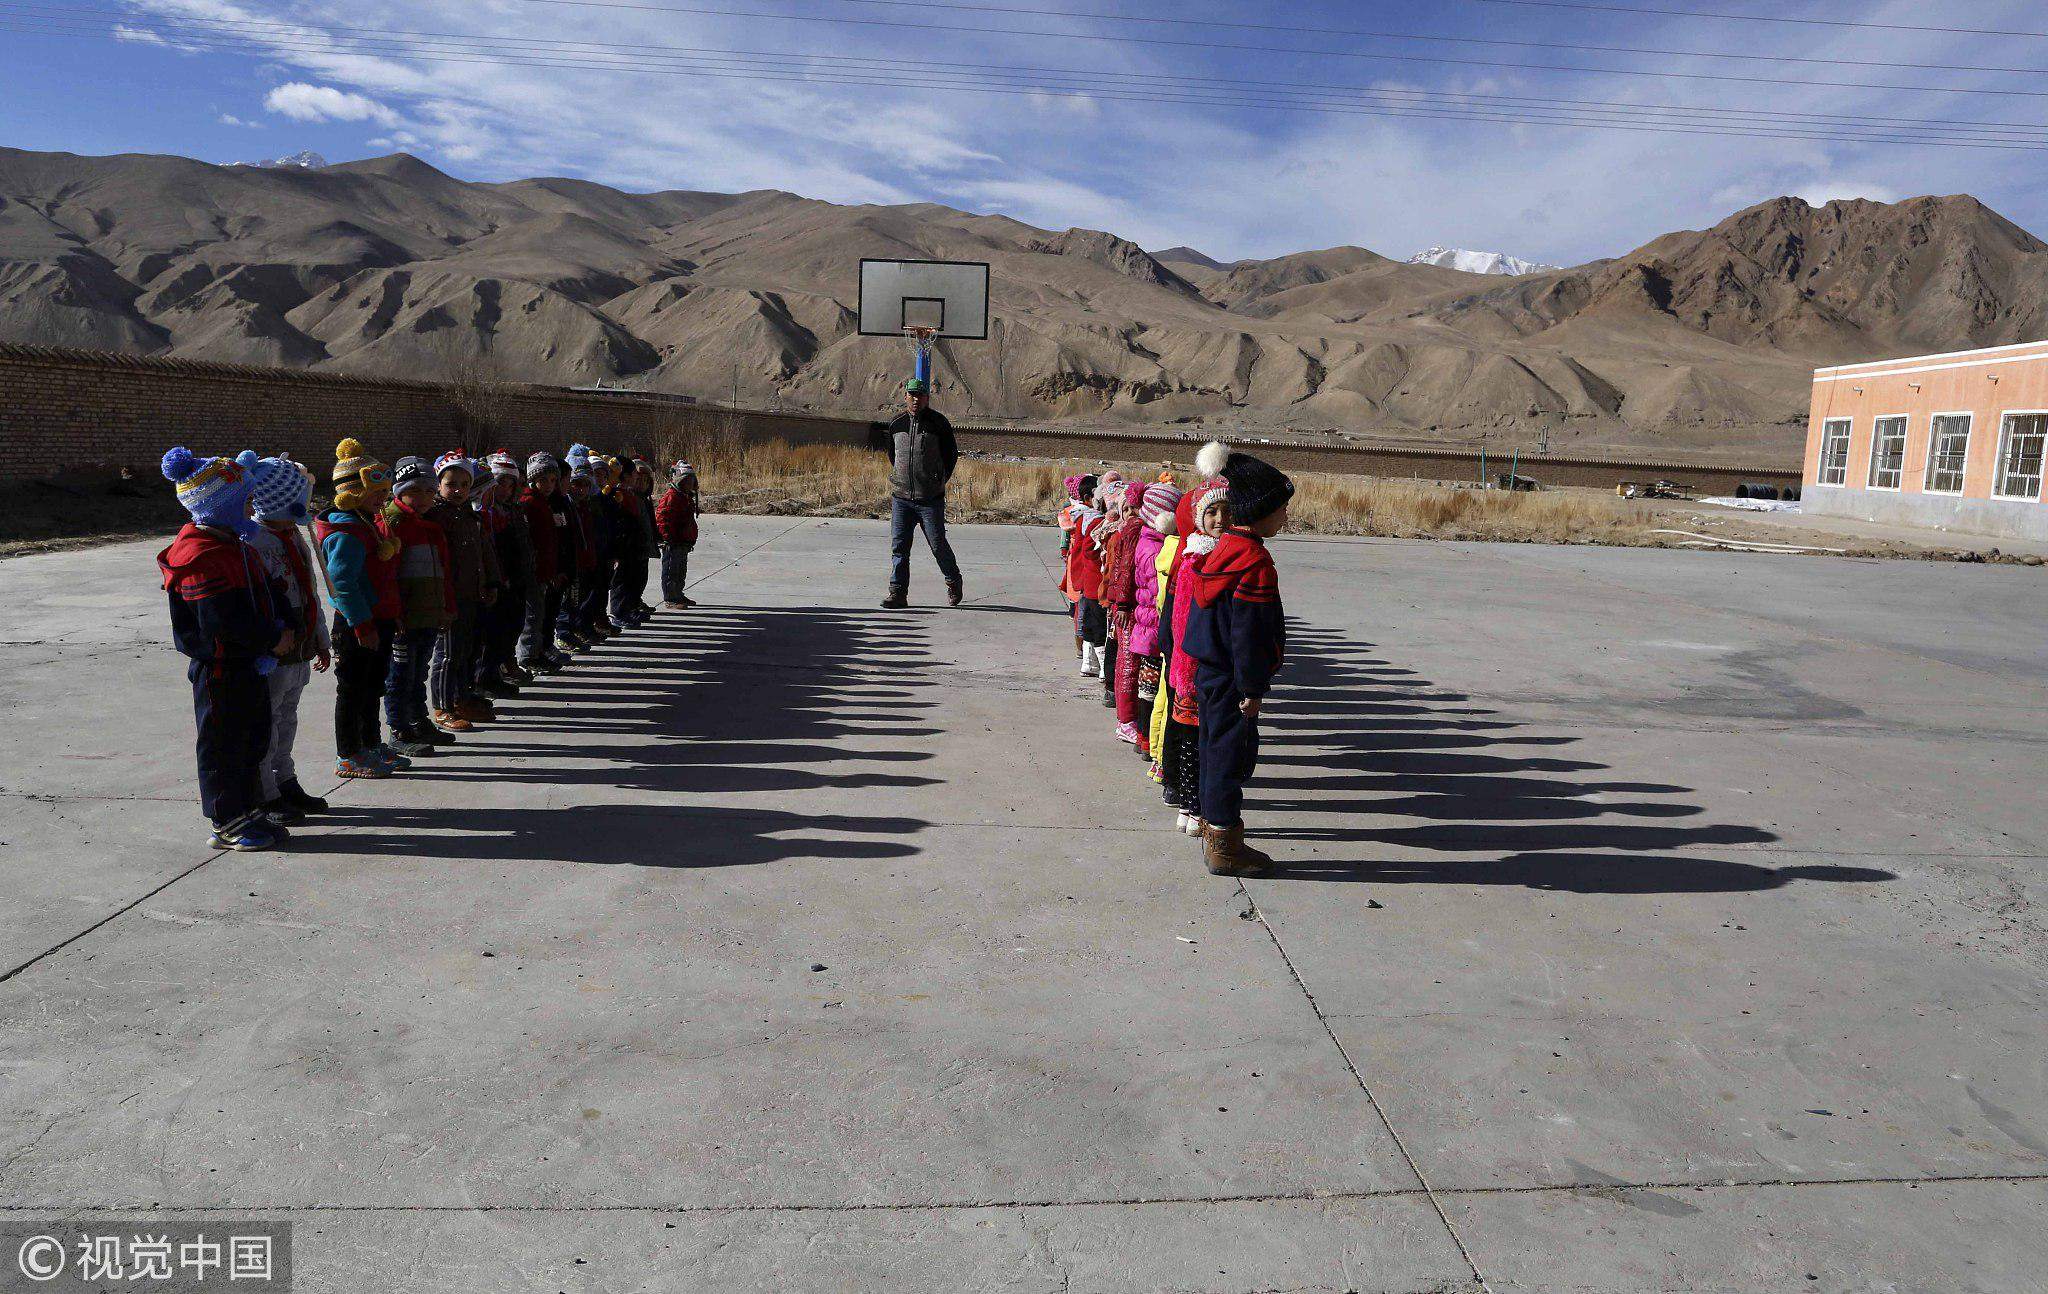 2016年11月29日,喀什。海拔4000米的地方,学生们上体育课也要列队整齐/视觉中国